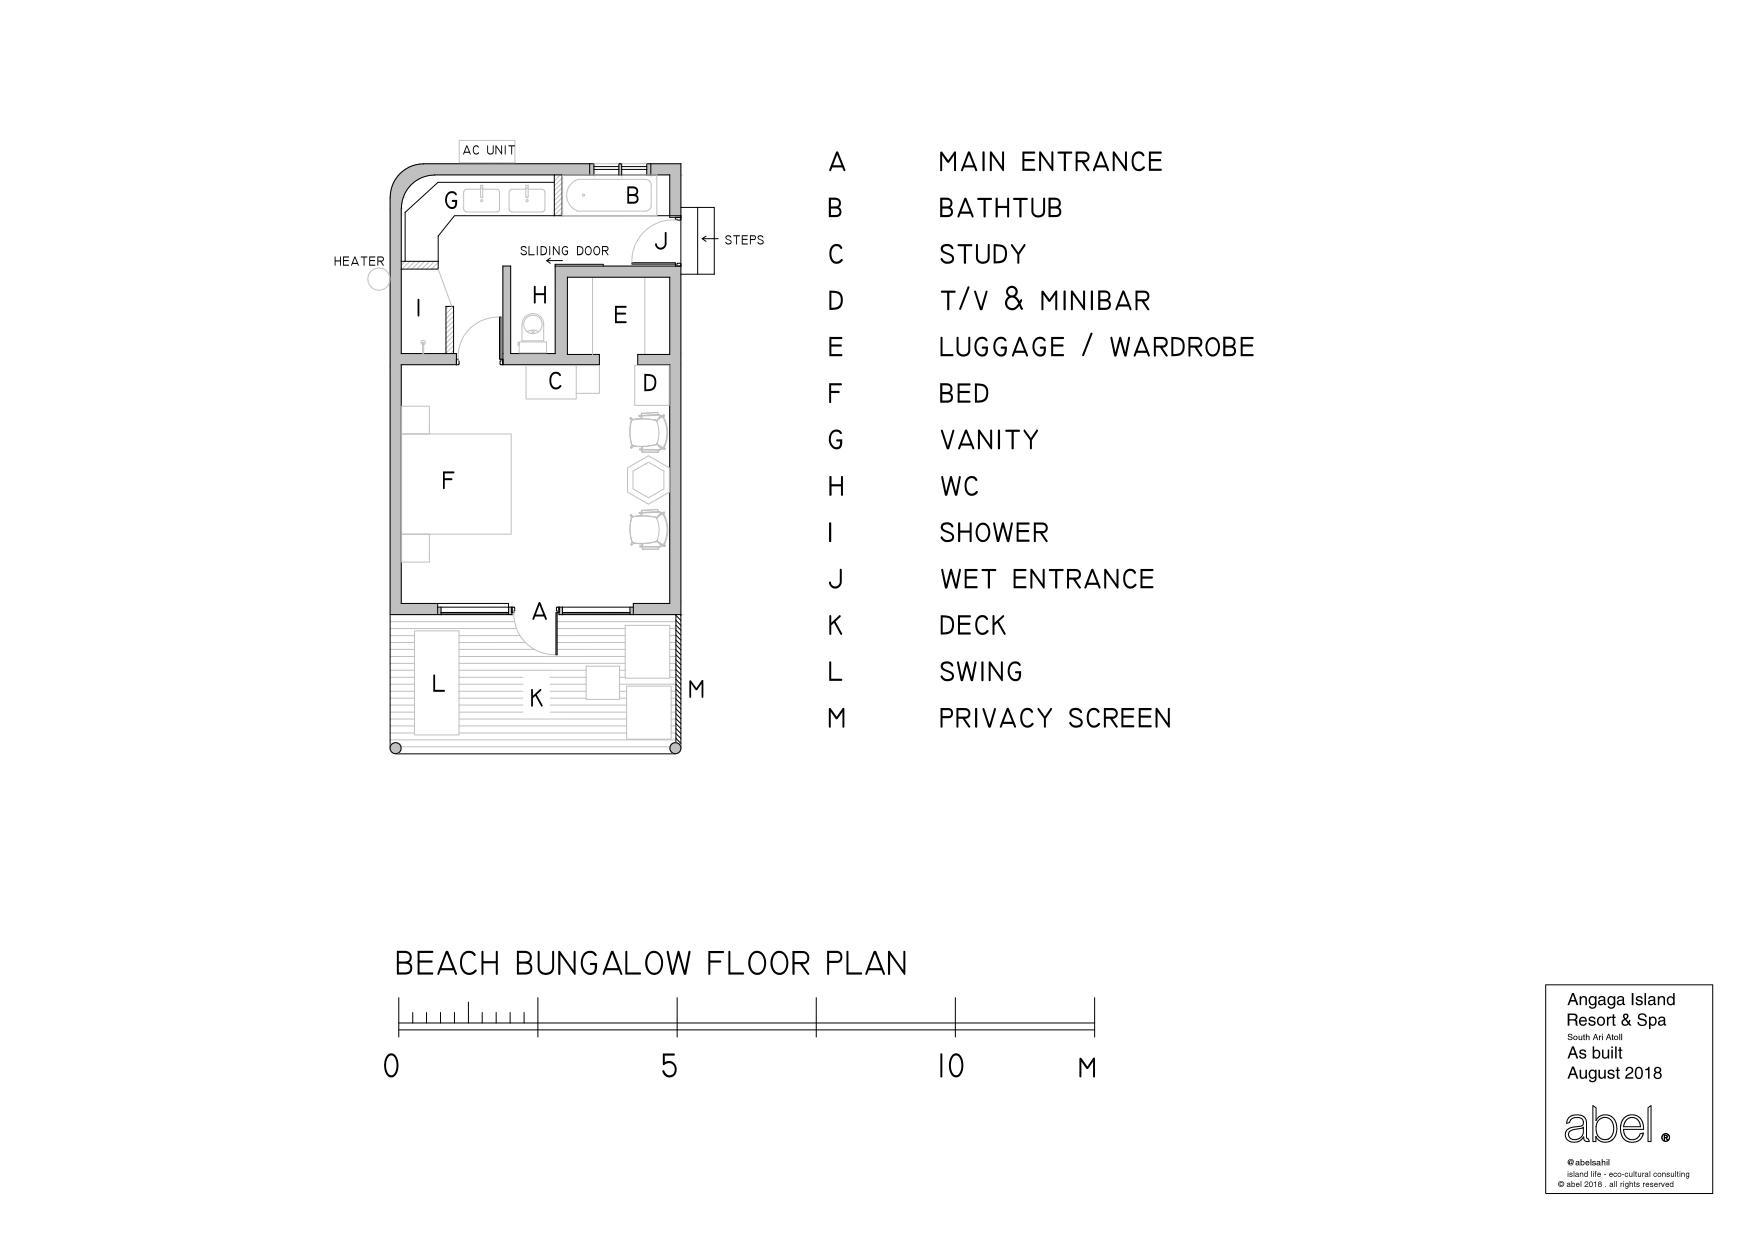 Мальдивы, отель Angaga Island Resort & Spa, план-схема номера Superior Beach Bungalow